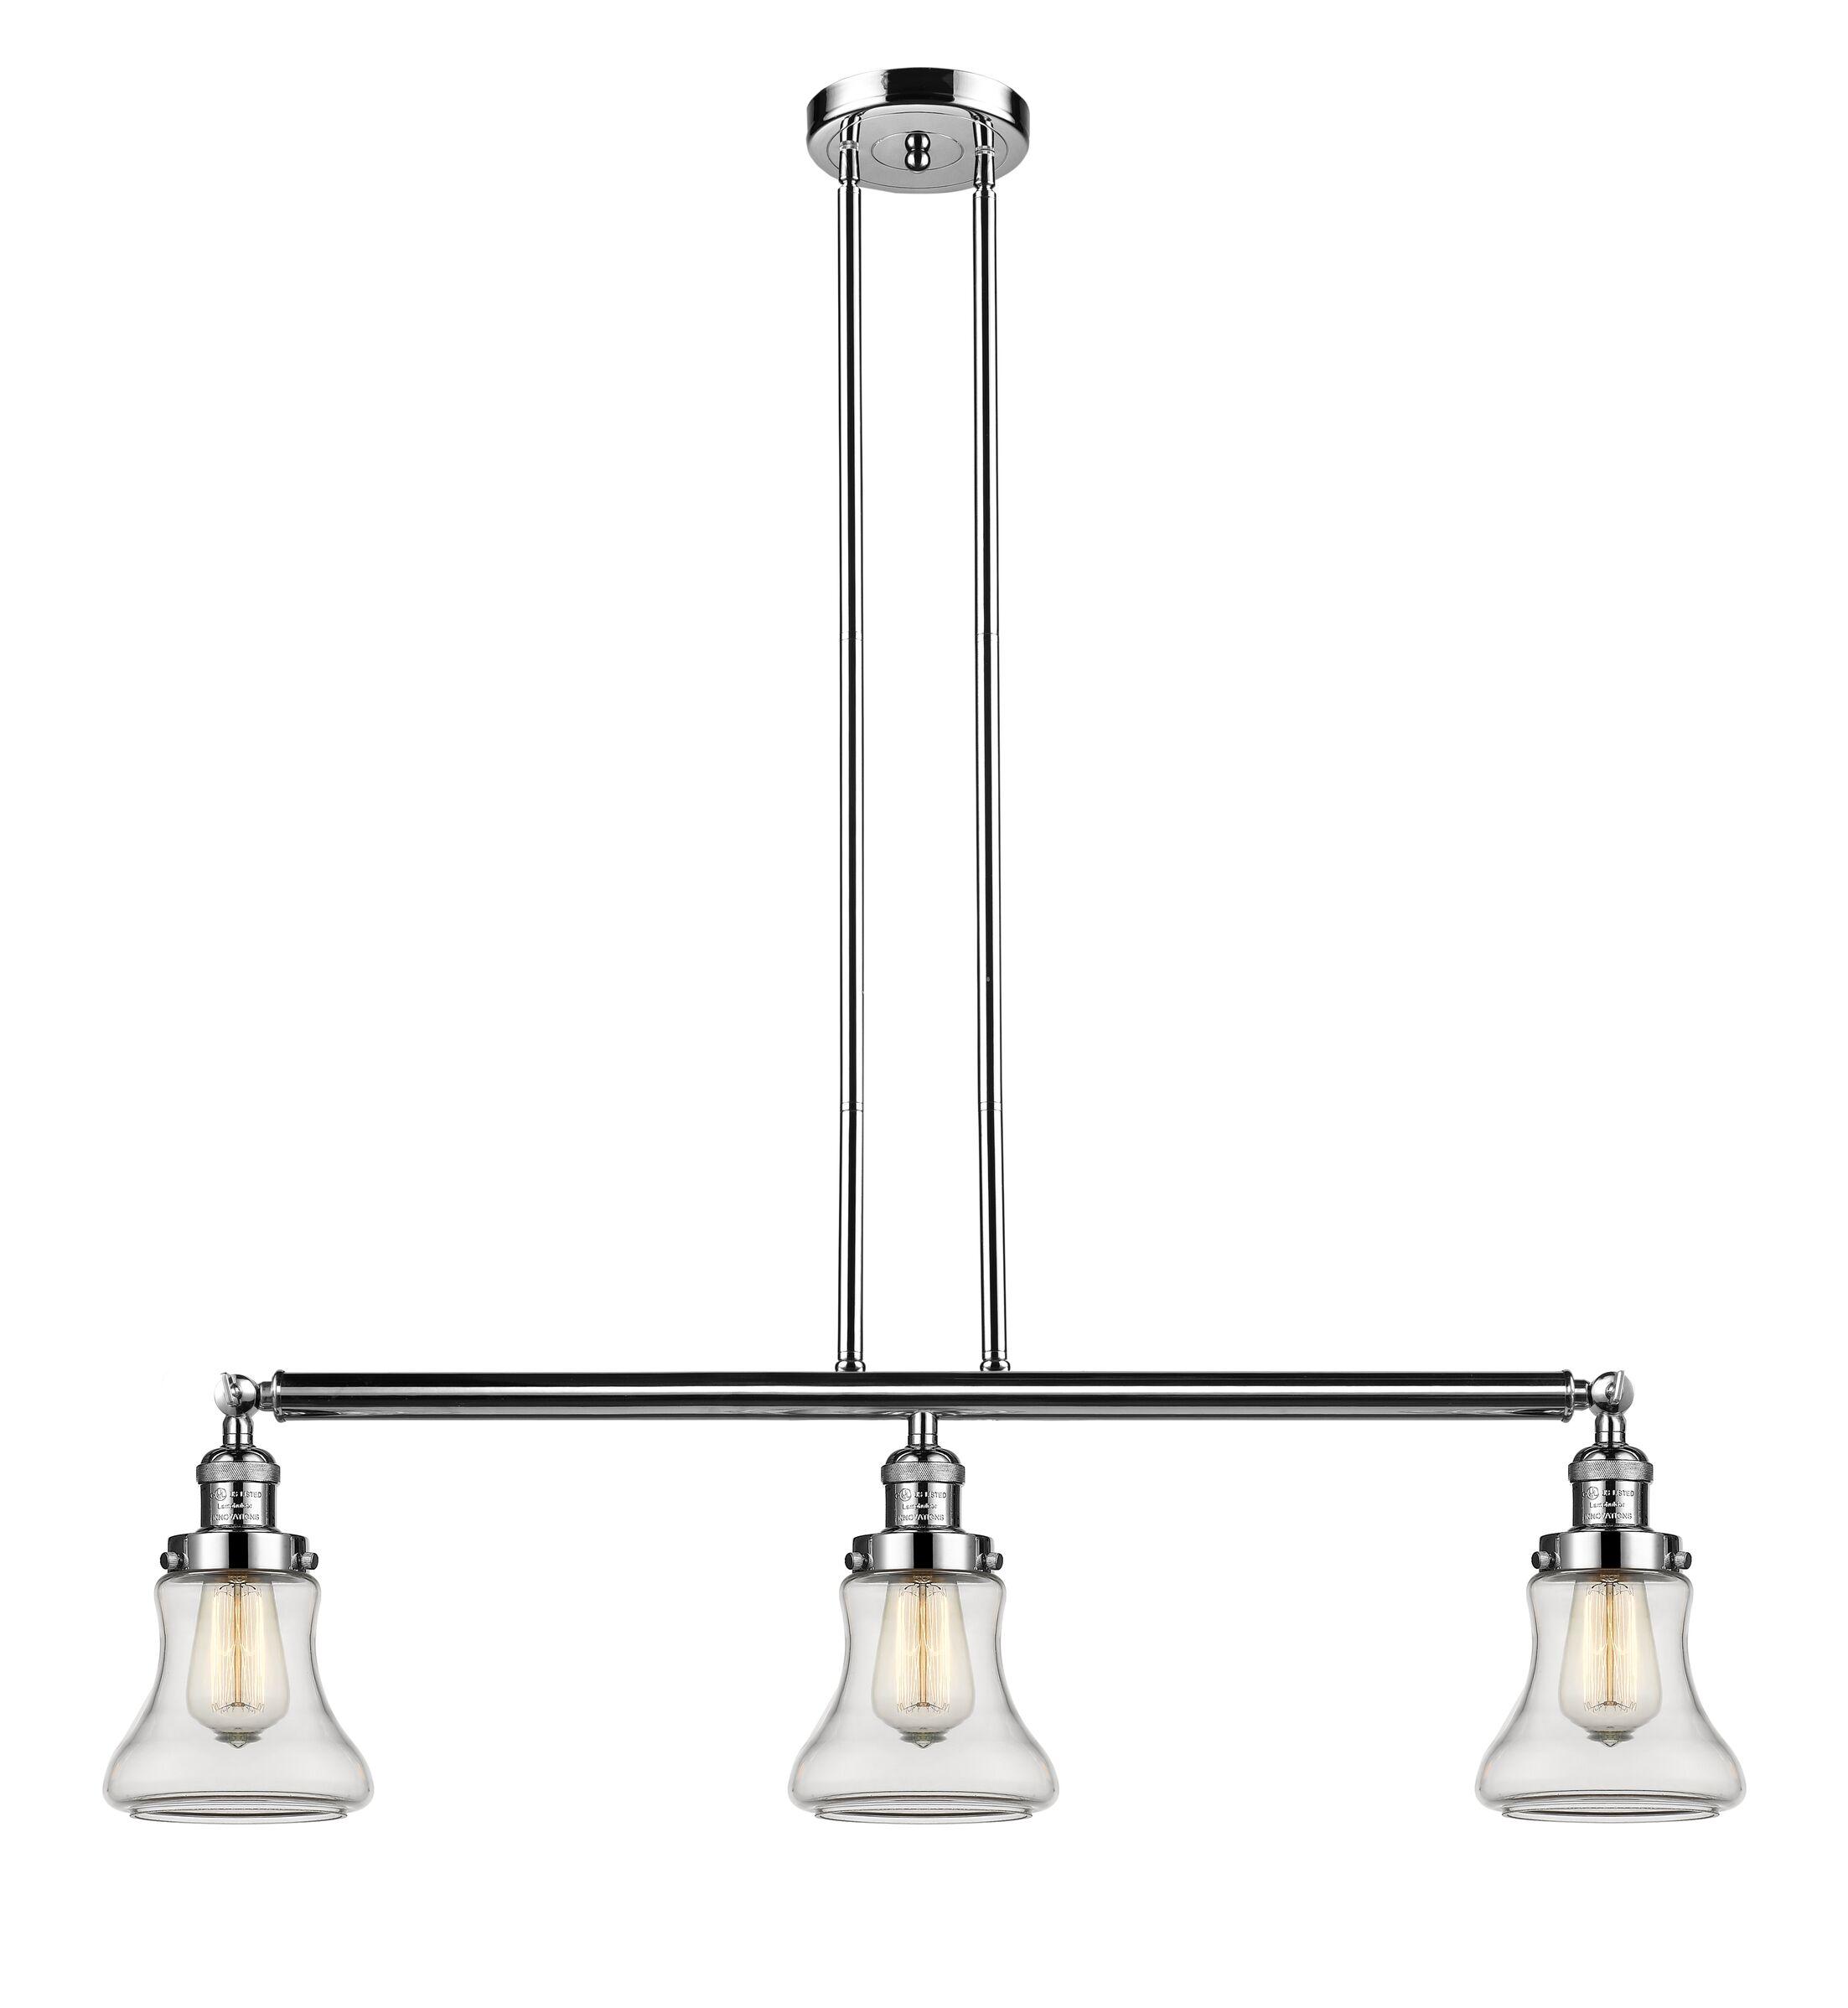 Nardone 3-Light Kitchen Island Pendant Shade Color: Clear, Bulb Type: LED, Finish: Polished Nickel